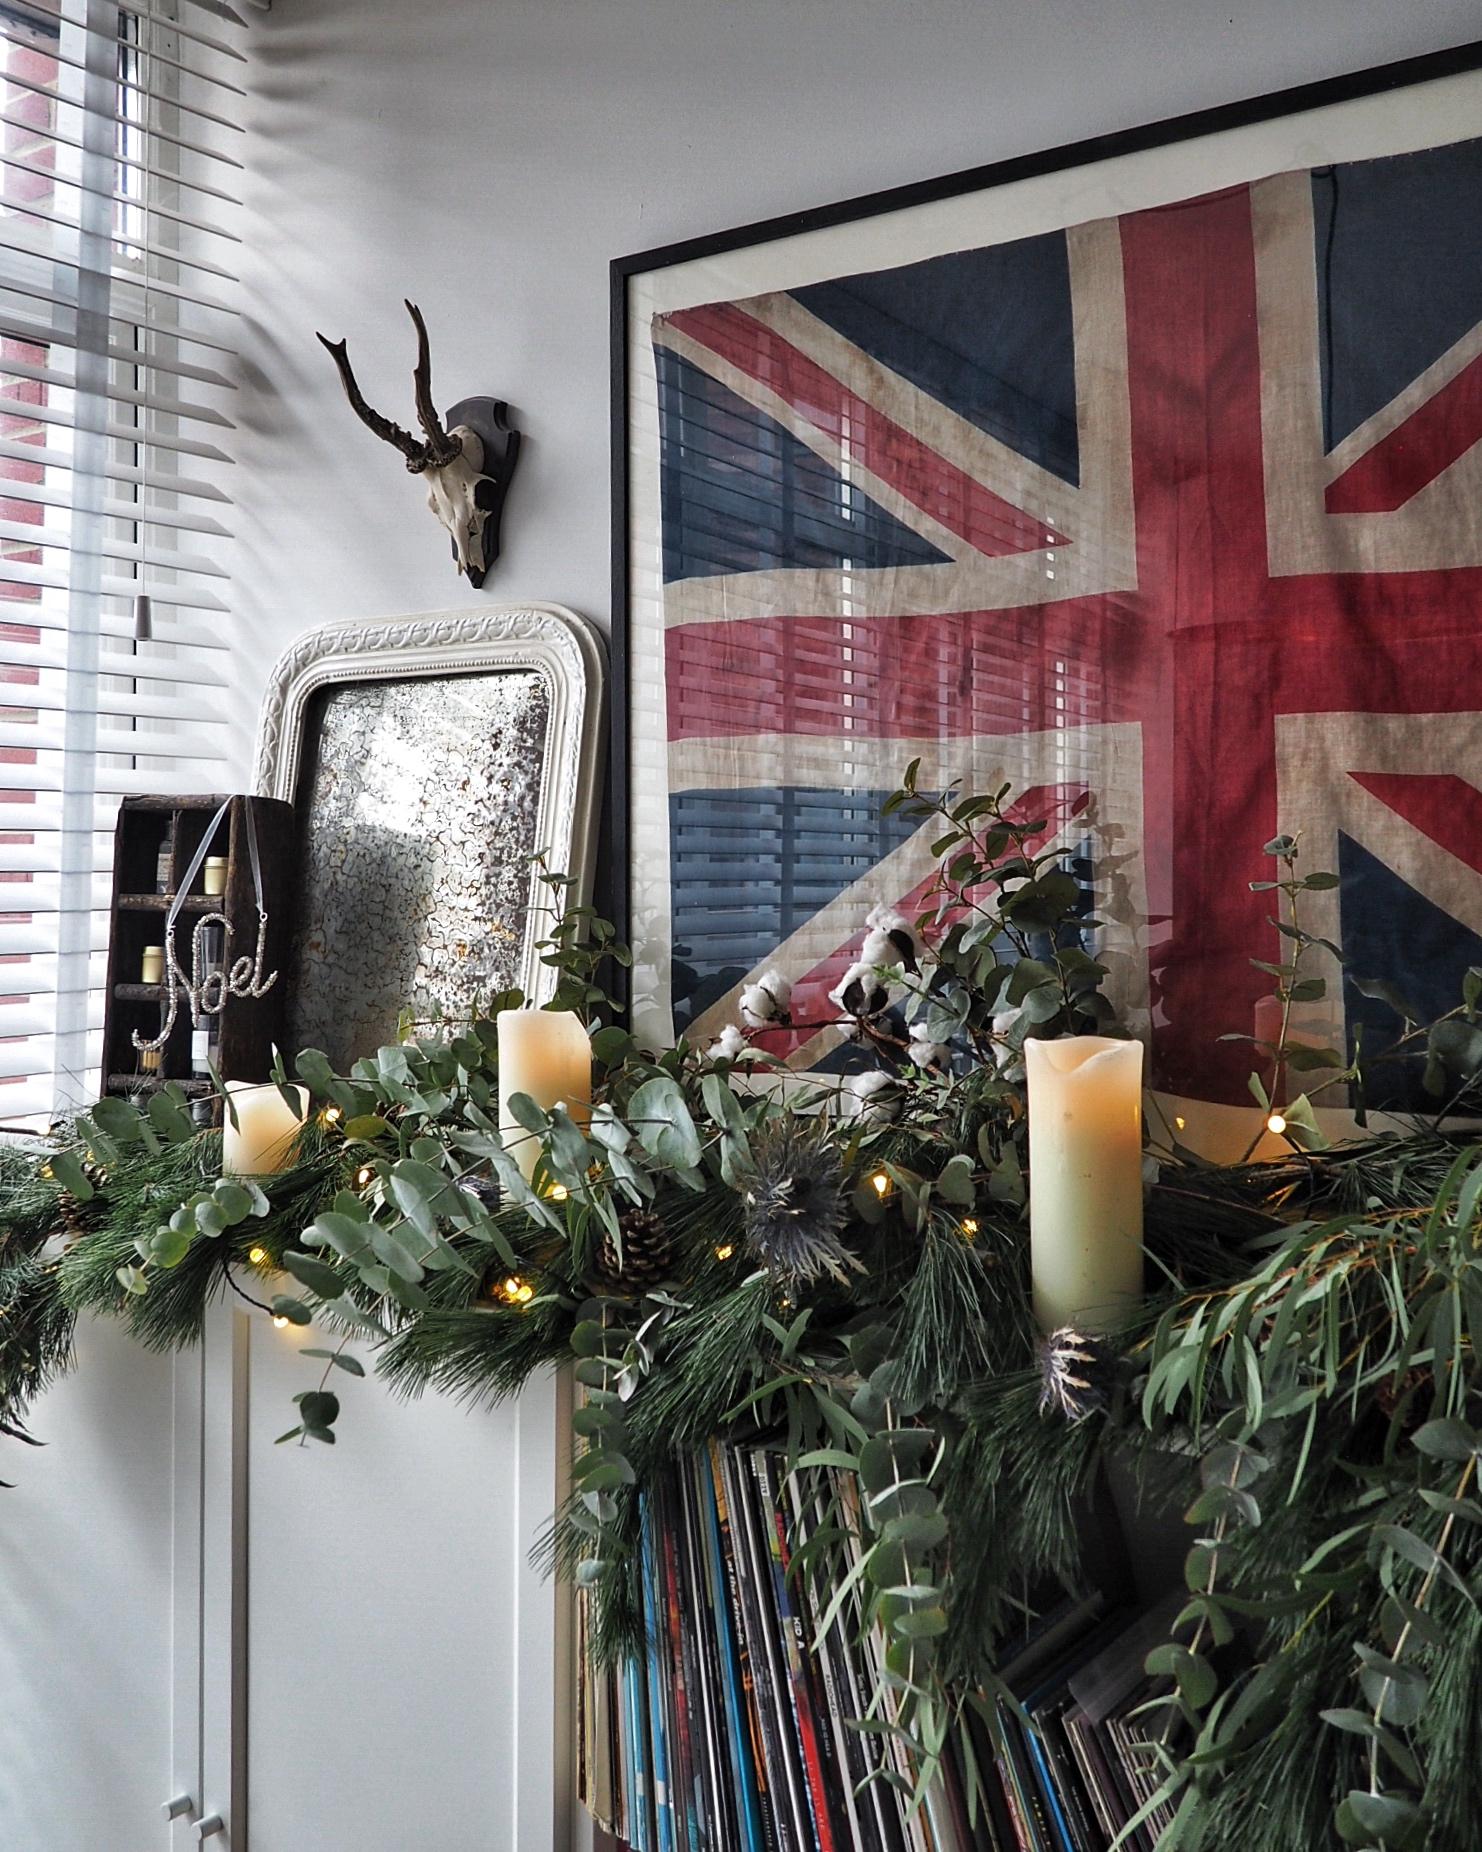 Noel decoration from Homesense.